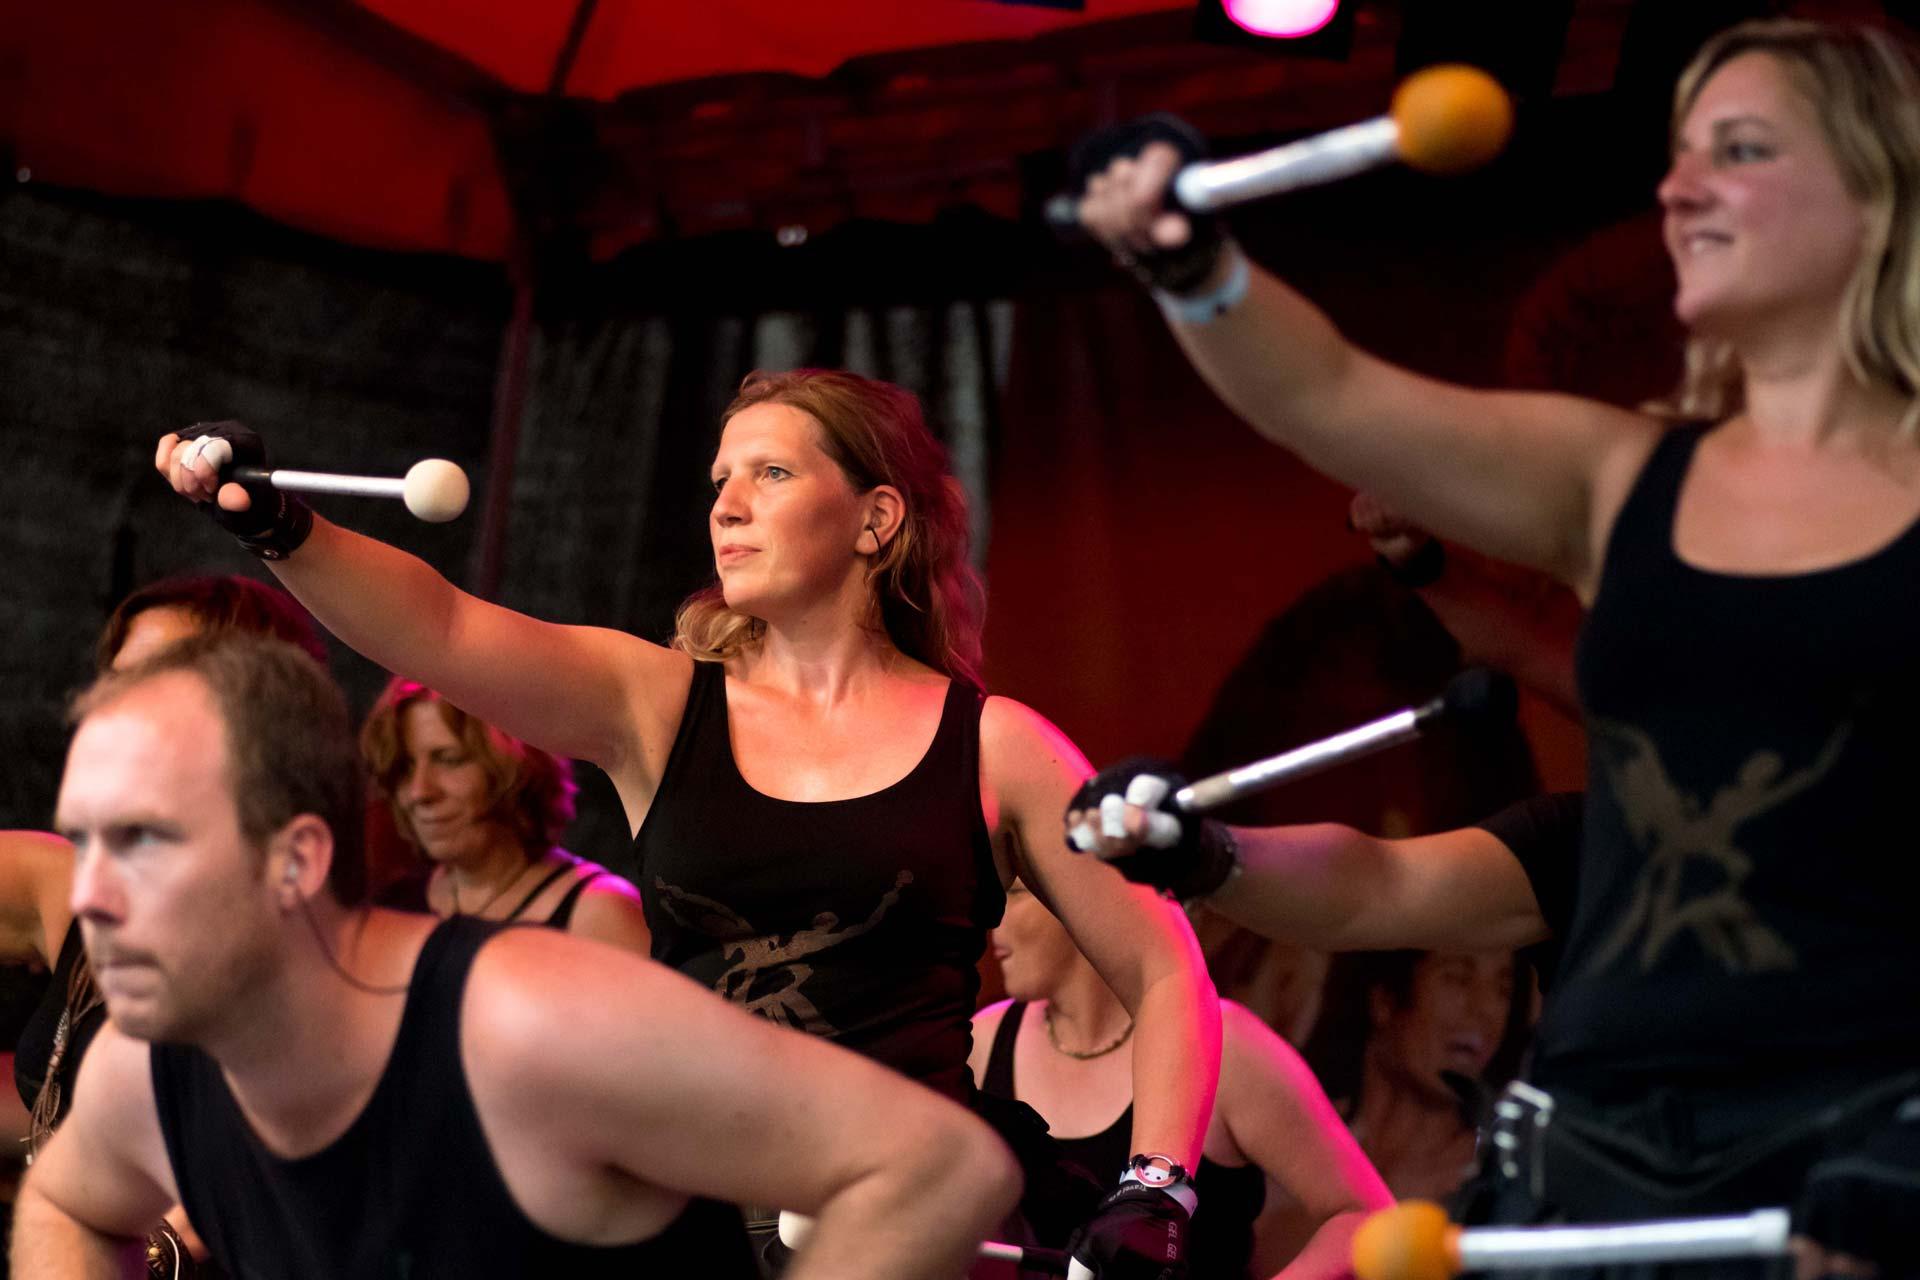 Eventfotografie - Gruppenfoto von Trommelspielern